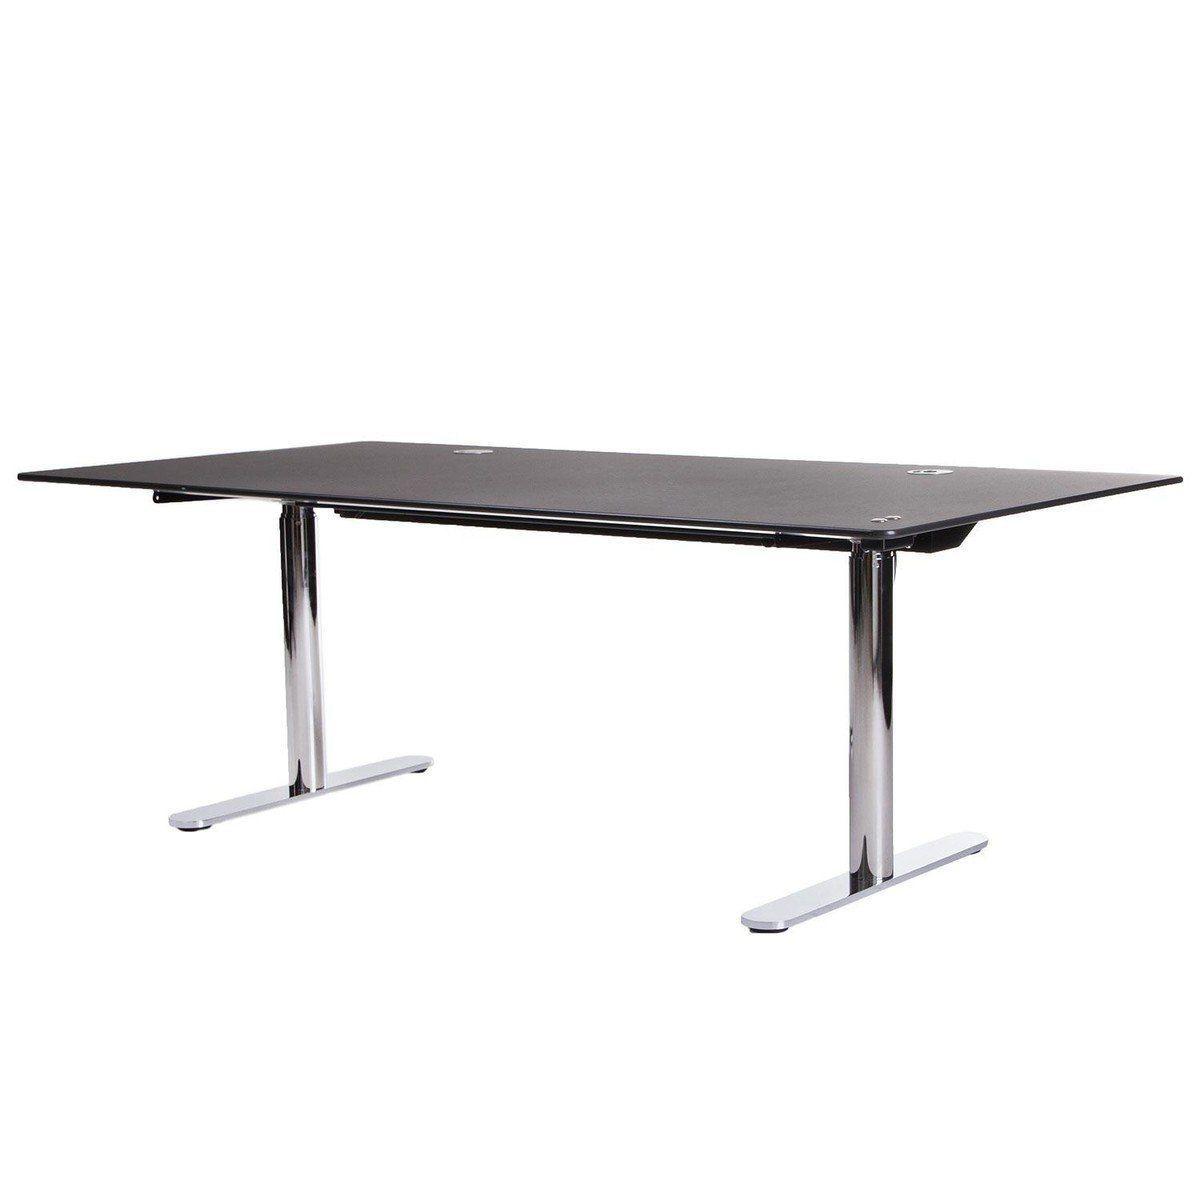 Ha2 work escritorio con ajuste de altura montana for Altura de un escritorio